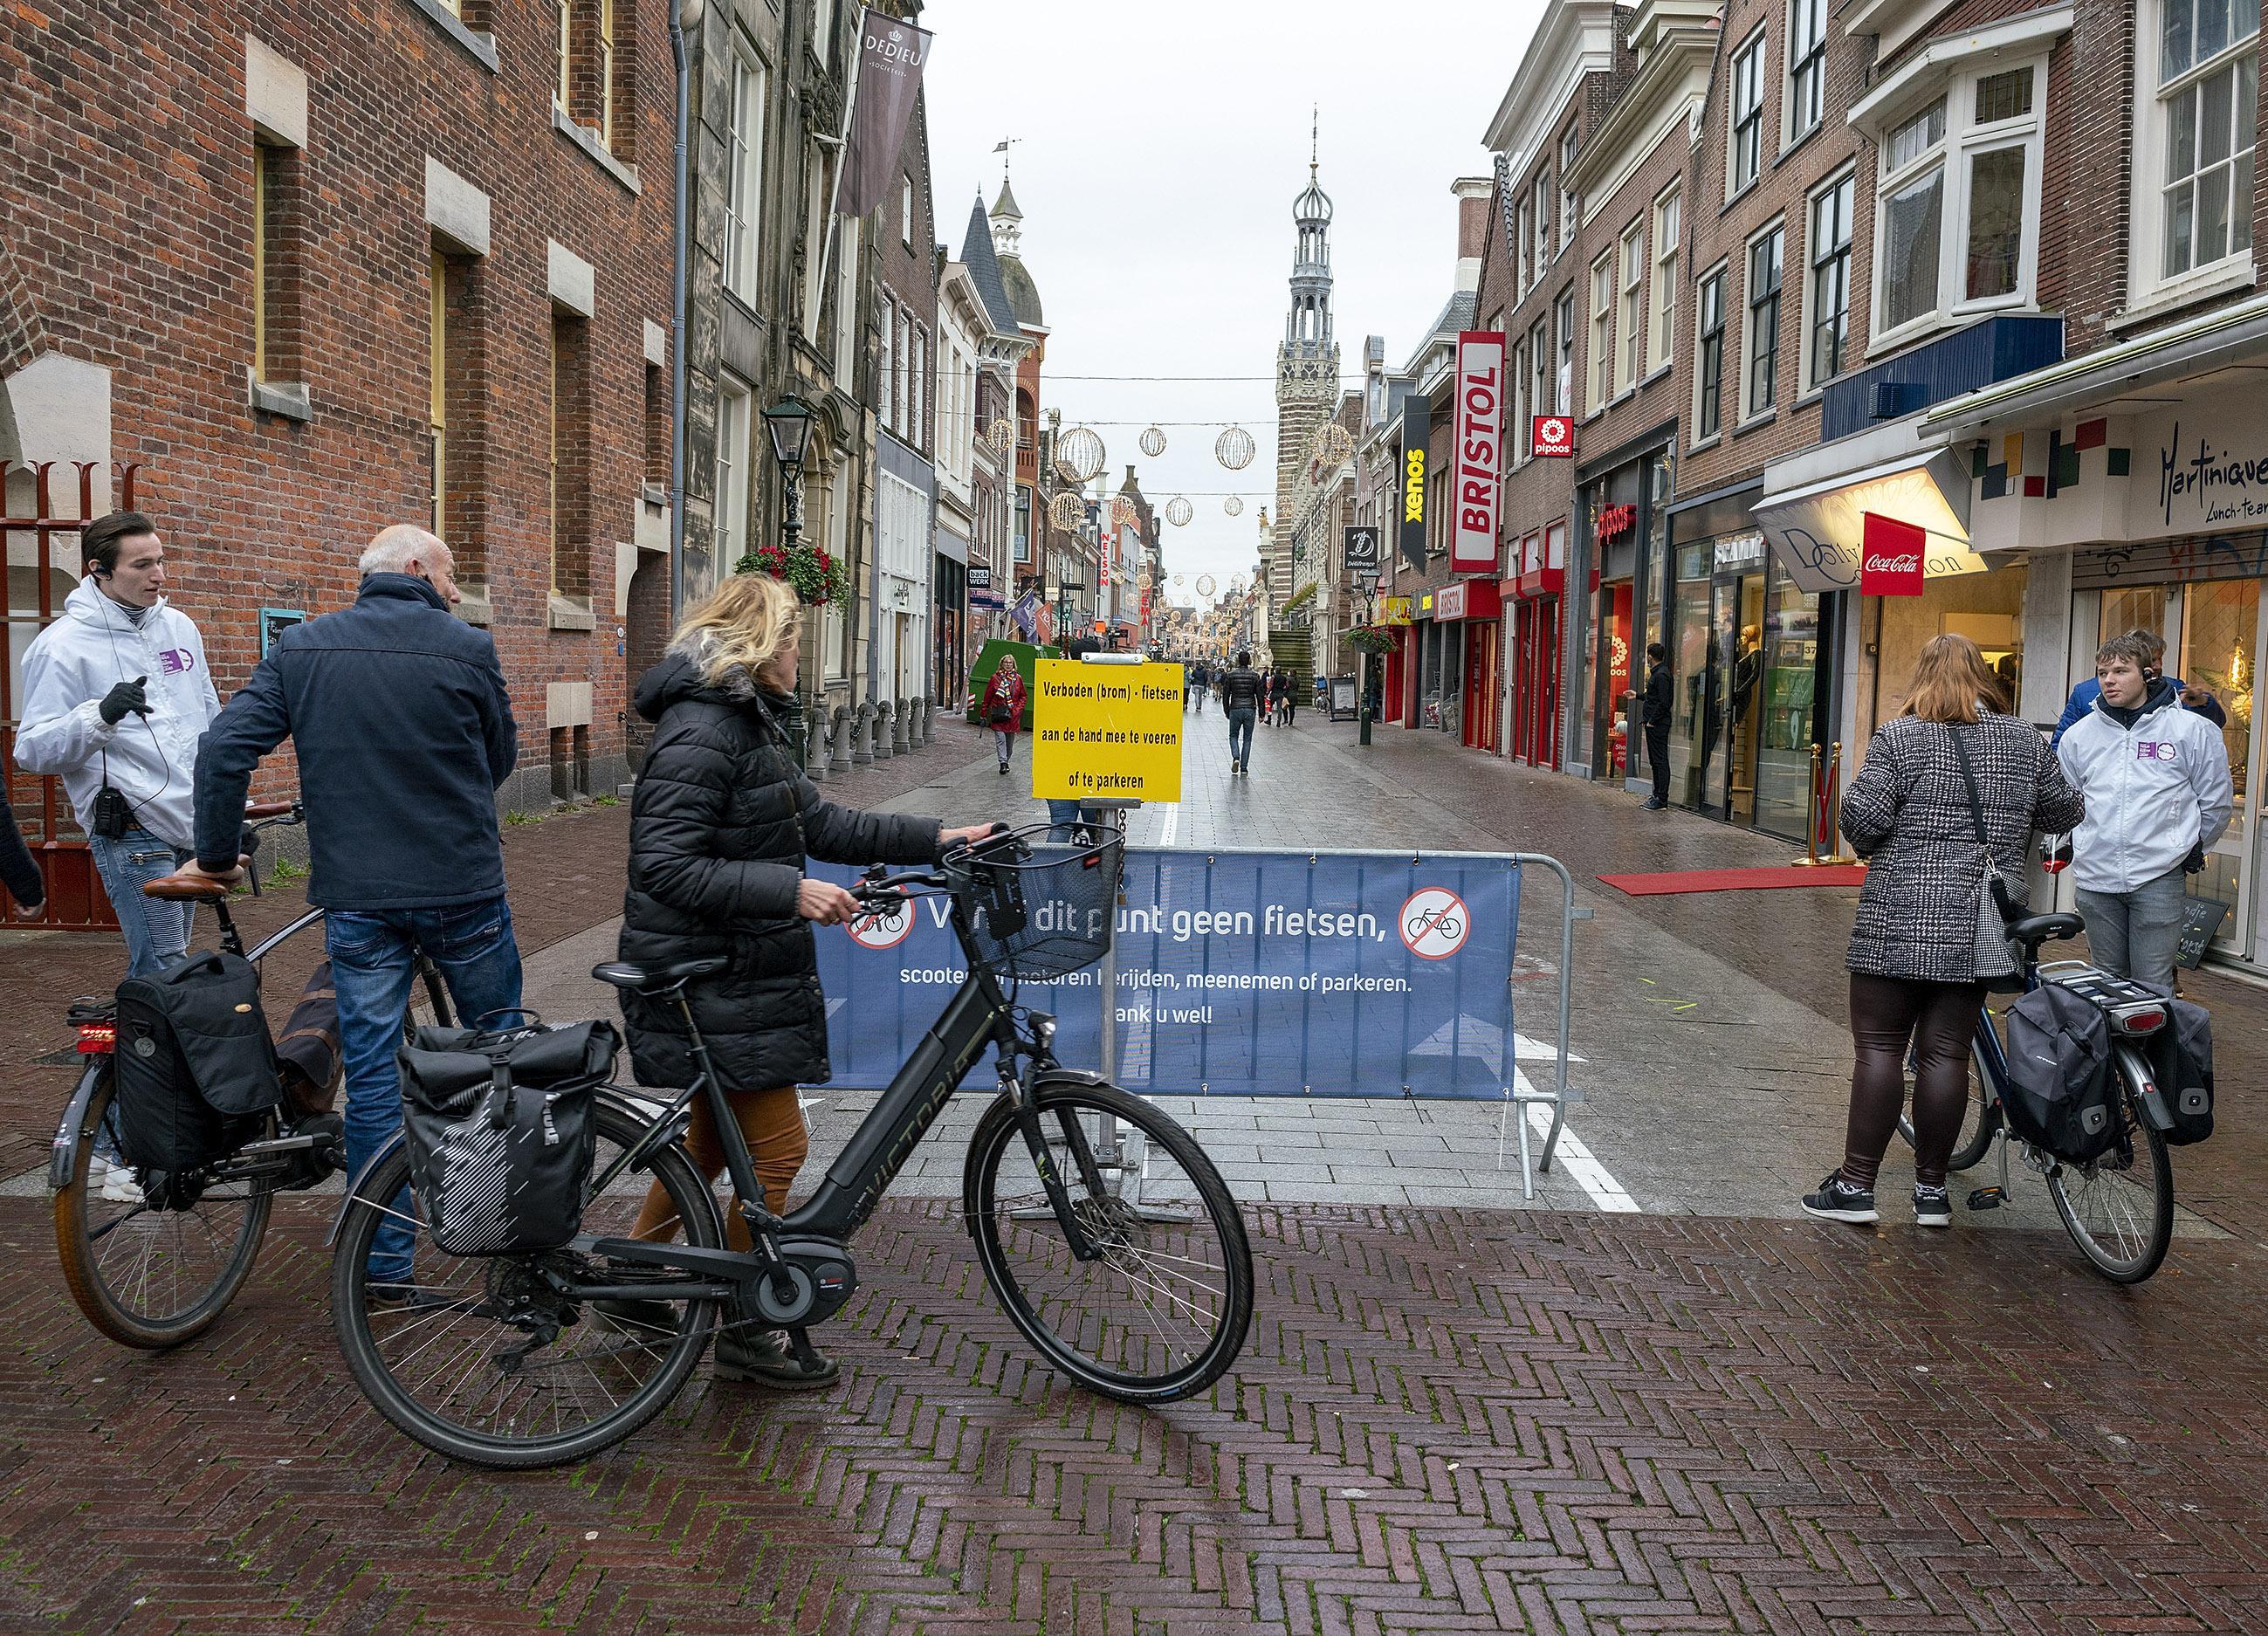 Black Friday is de lakmoesproef voor drukte in Alkmaarse binnenstad; in het ergste geval gaan de toegangswegen dicht en moet het winkelend publiek naar huis